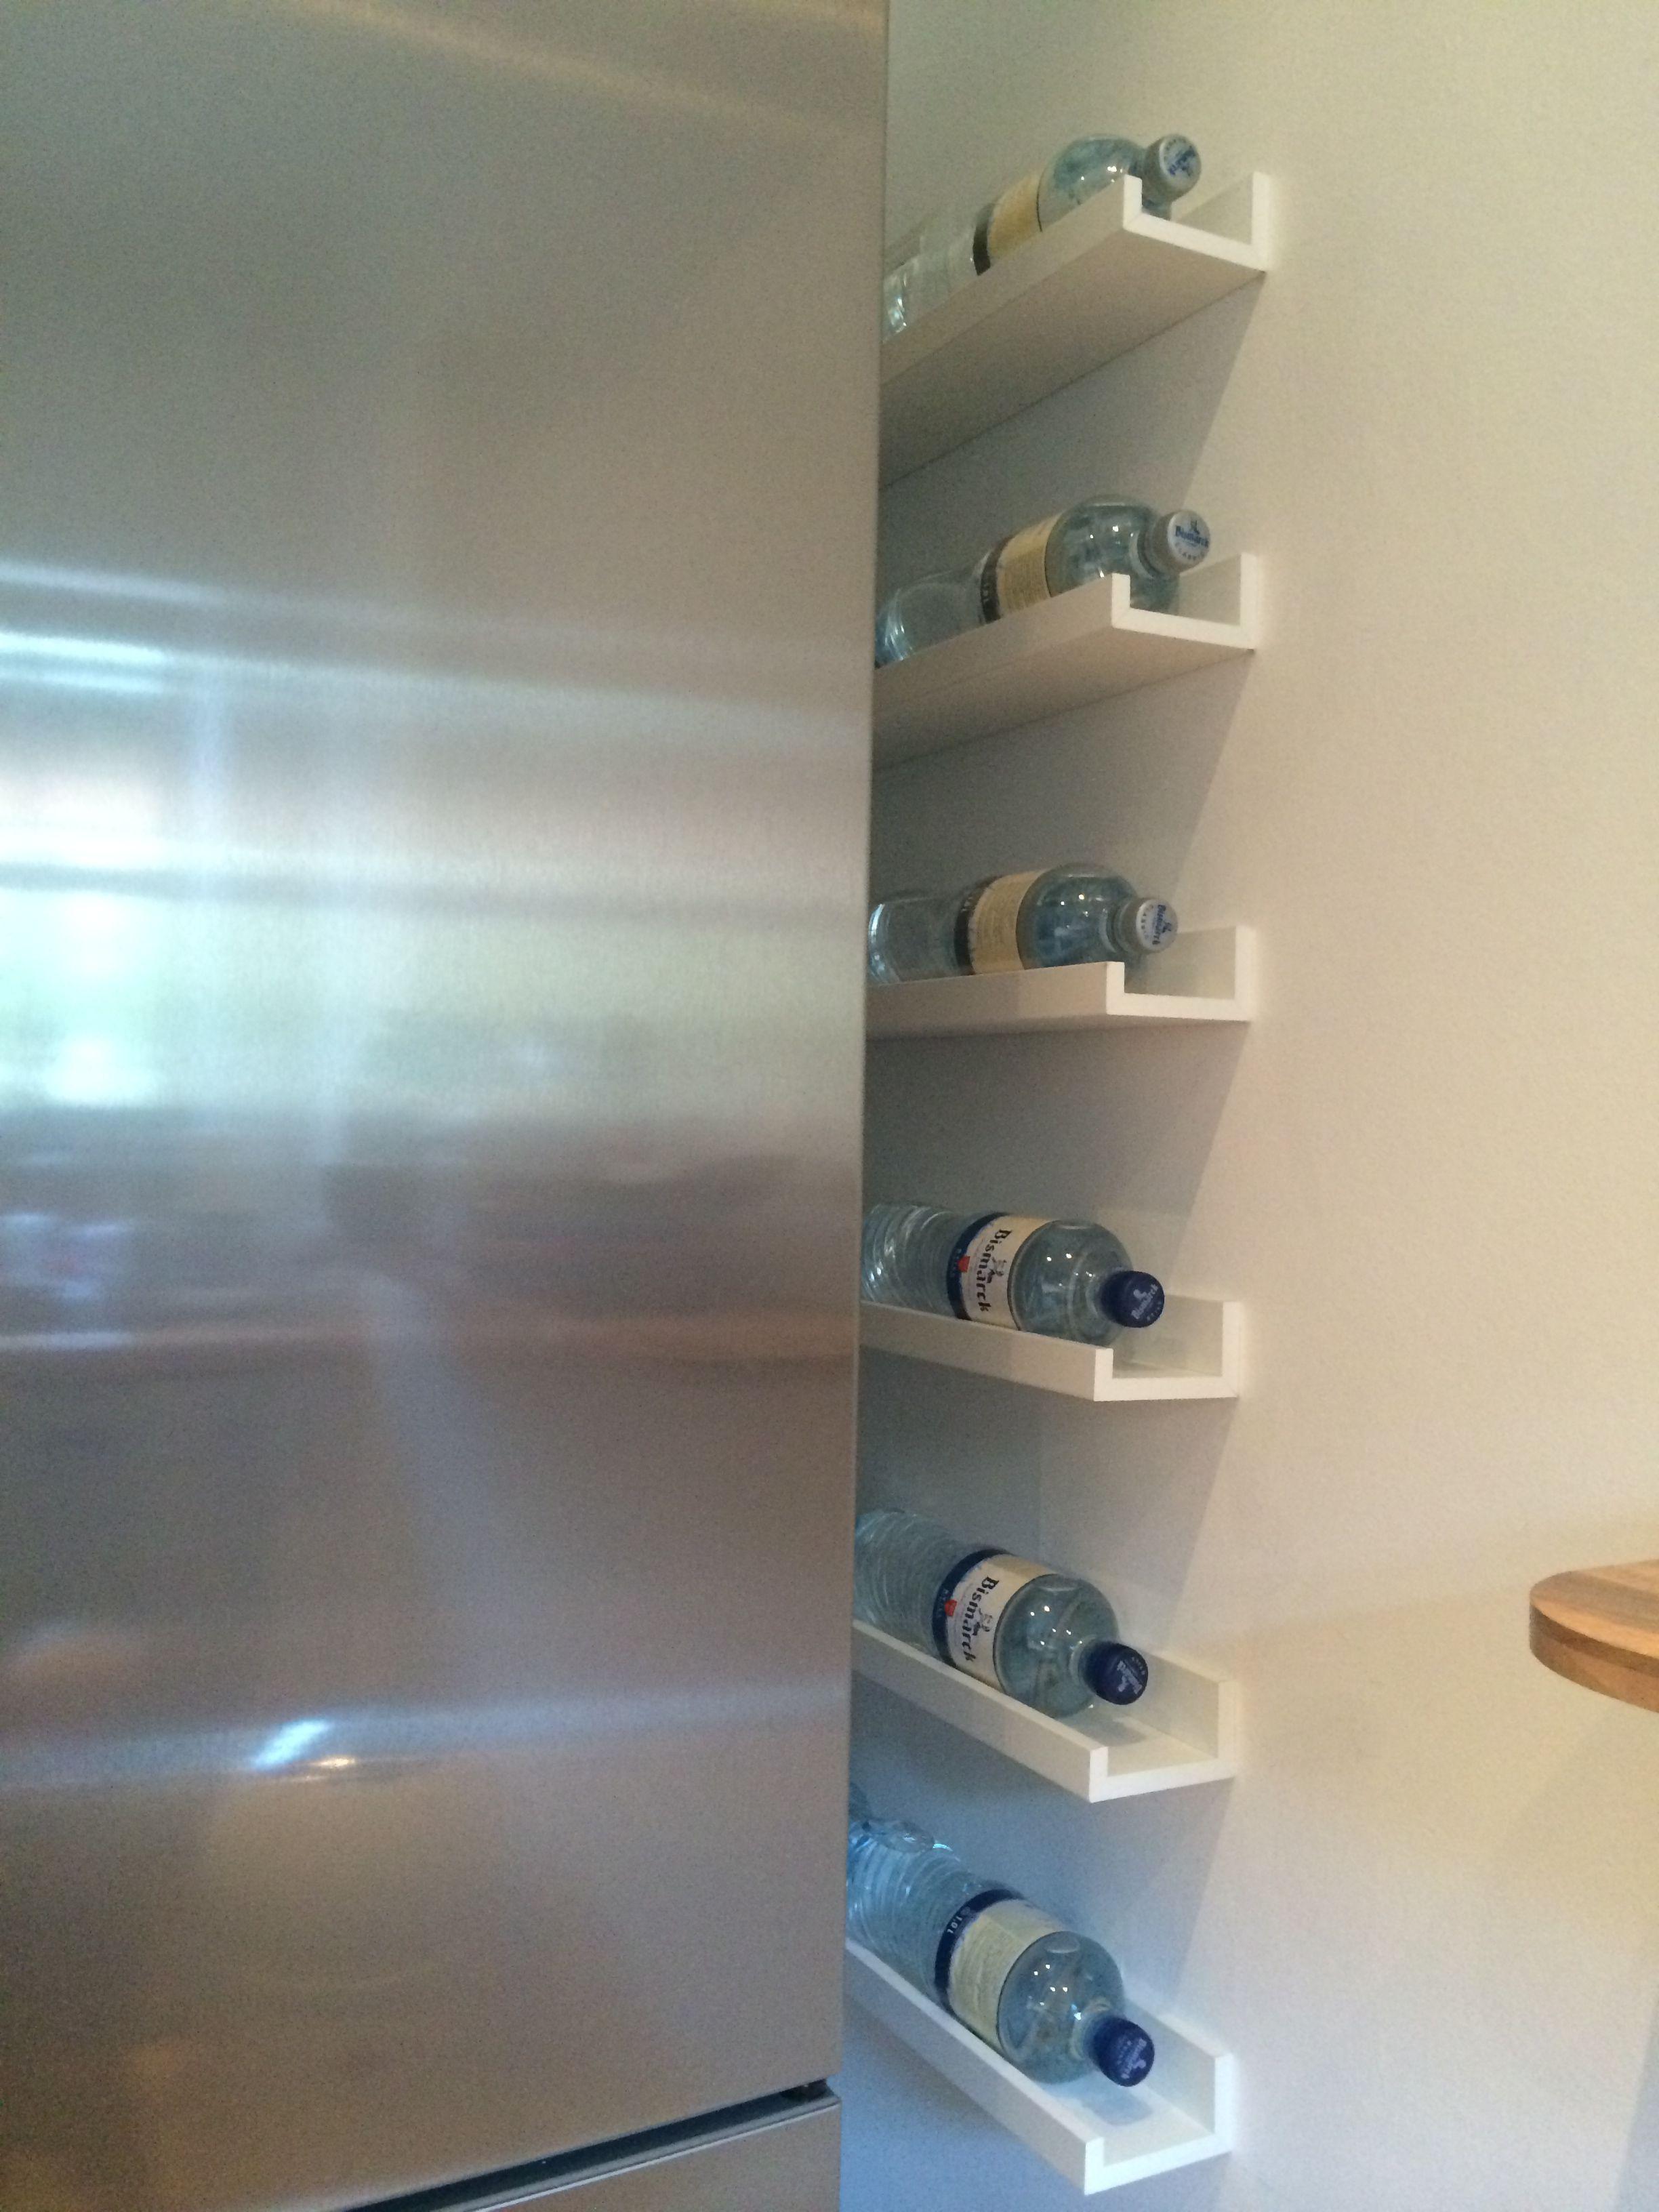 Flaschenregal Ikea Küche  Höchste Ikea Flaschenregal Vorstellung